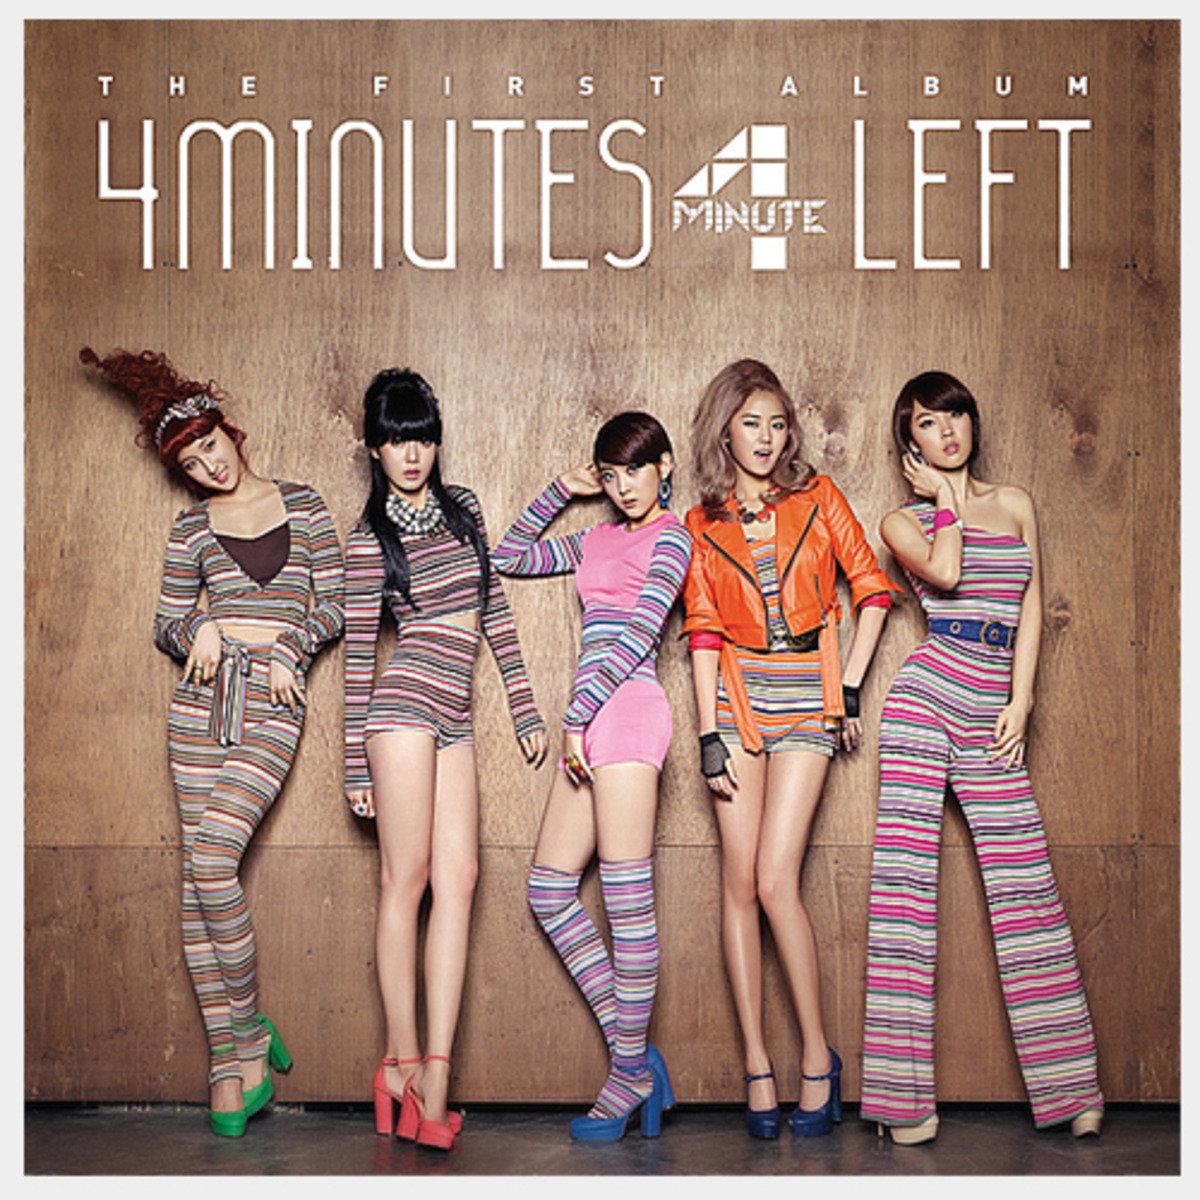 4Minute - Vol. 1 [4Minutes Left]_32811